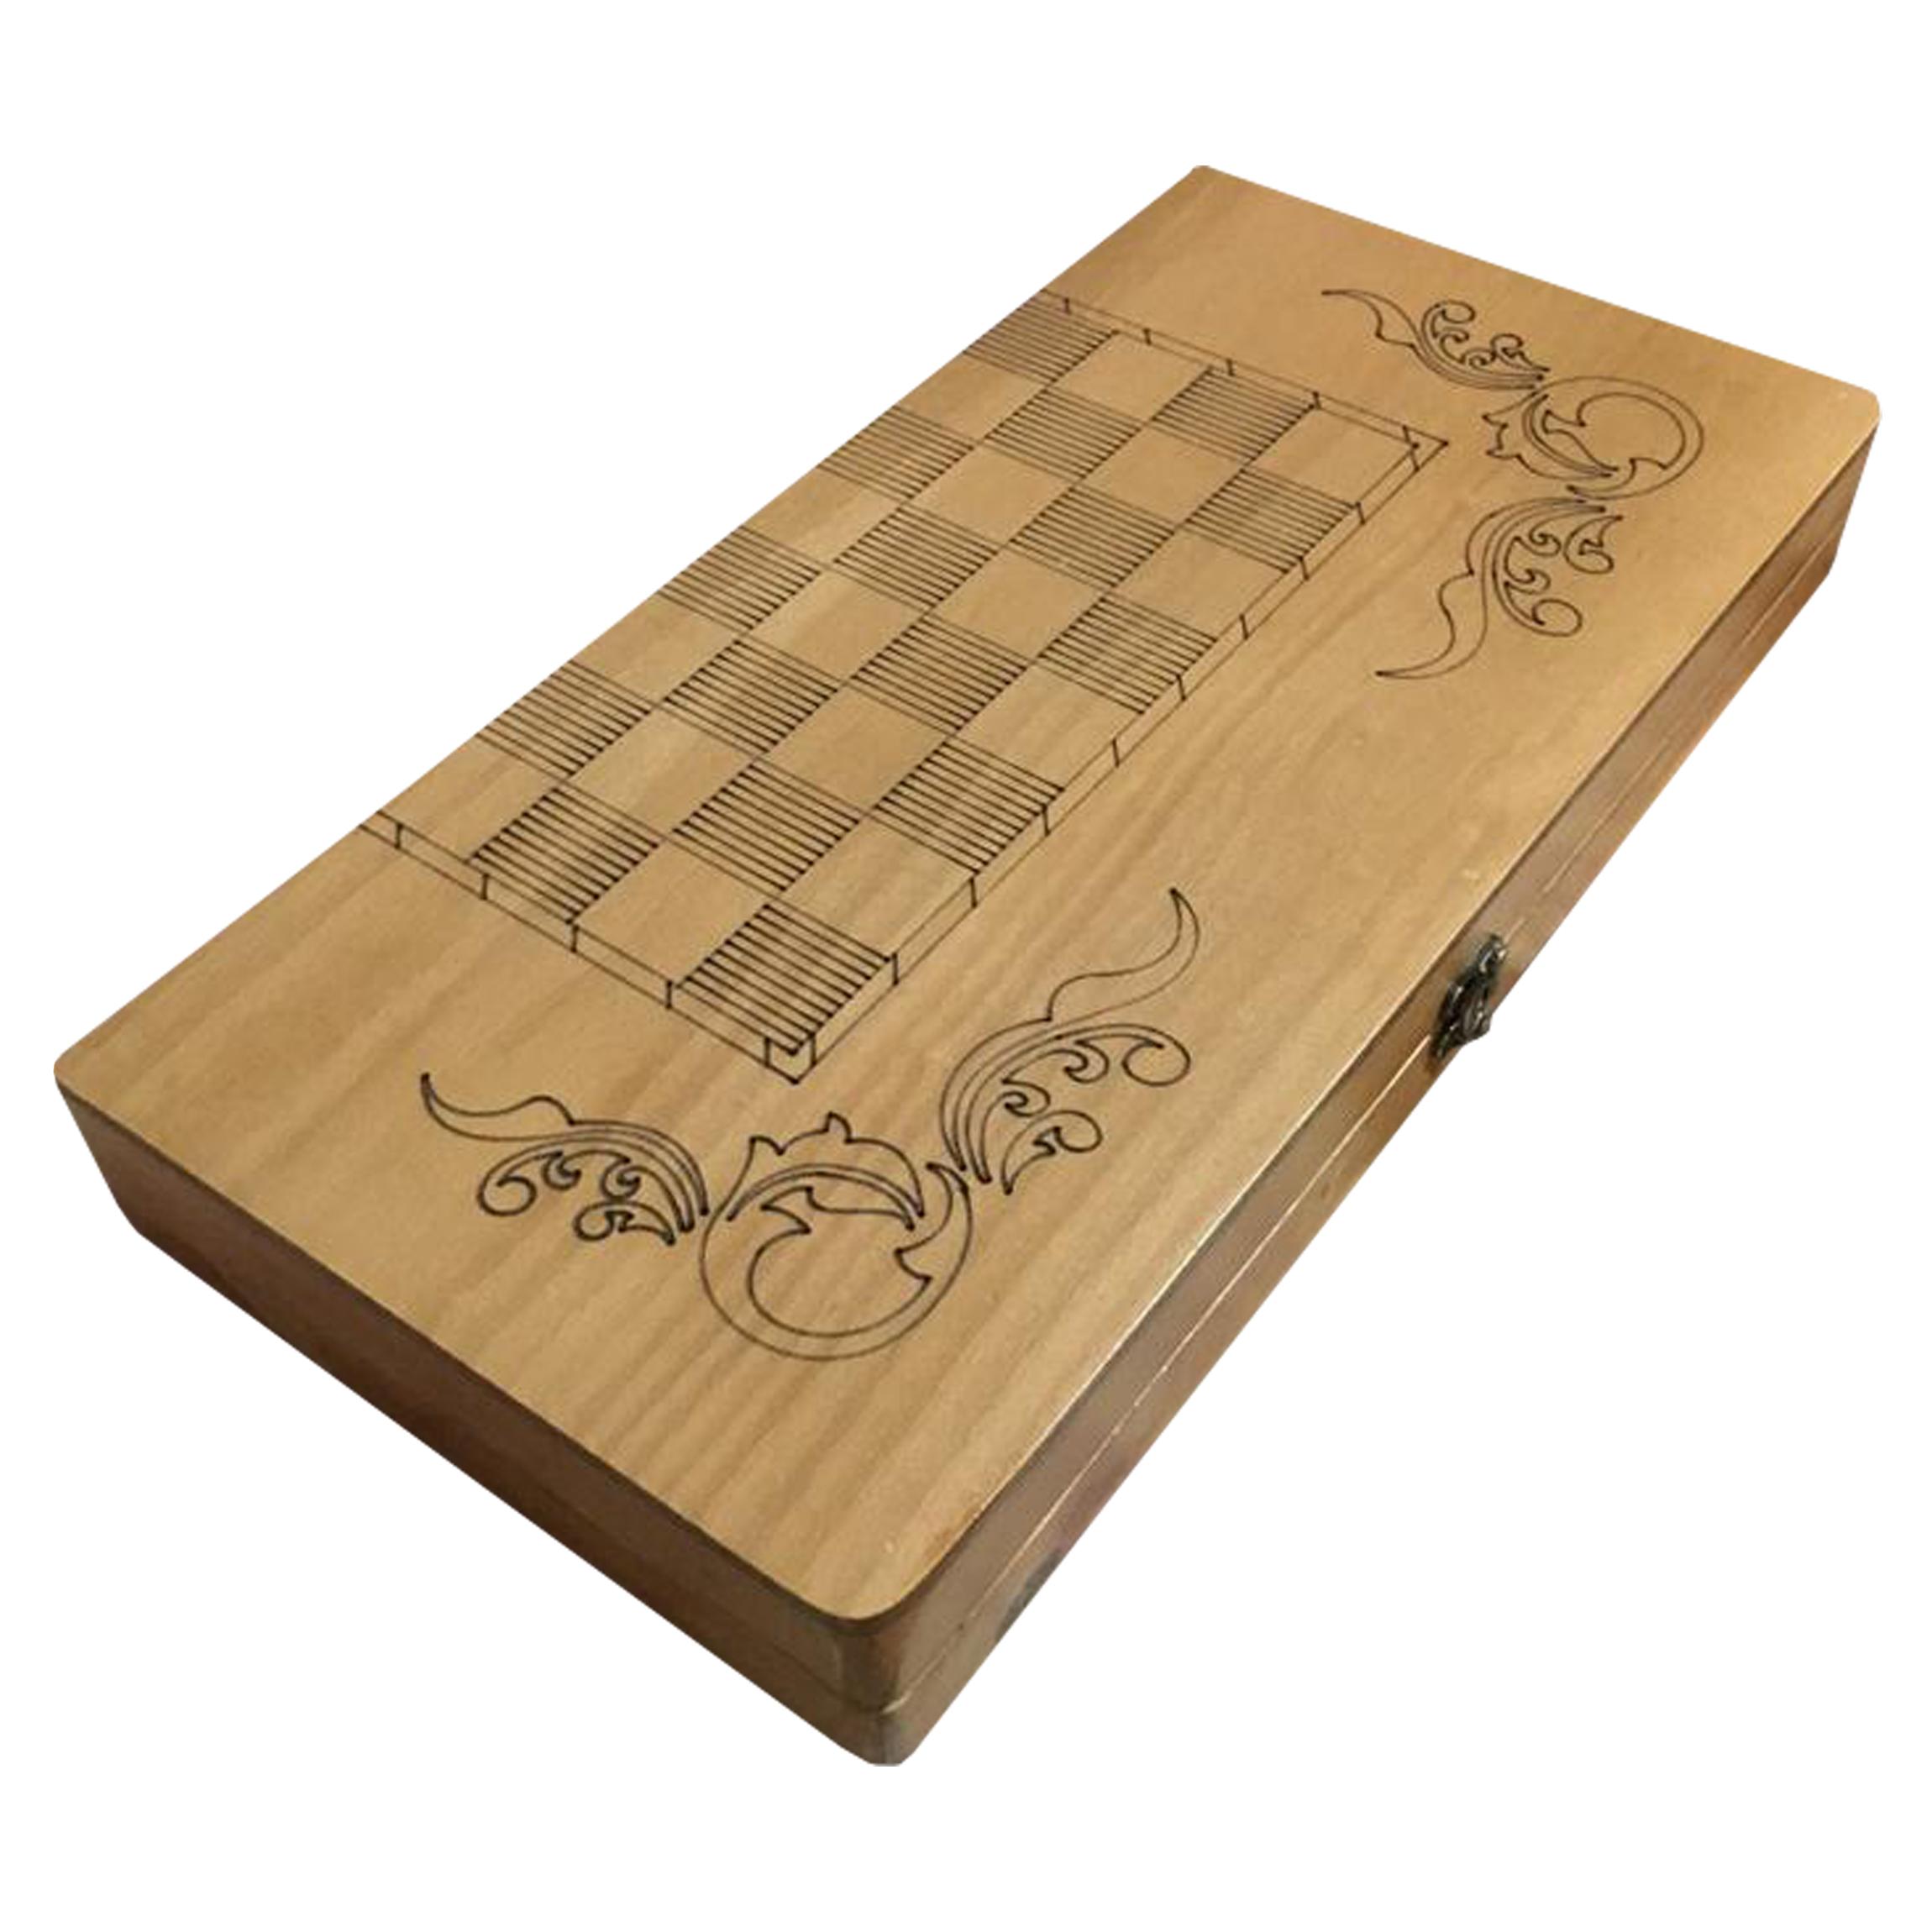 صفحه شطرنج طرح هخامنشی